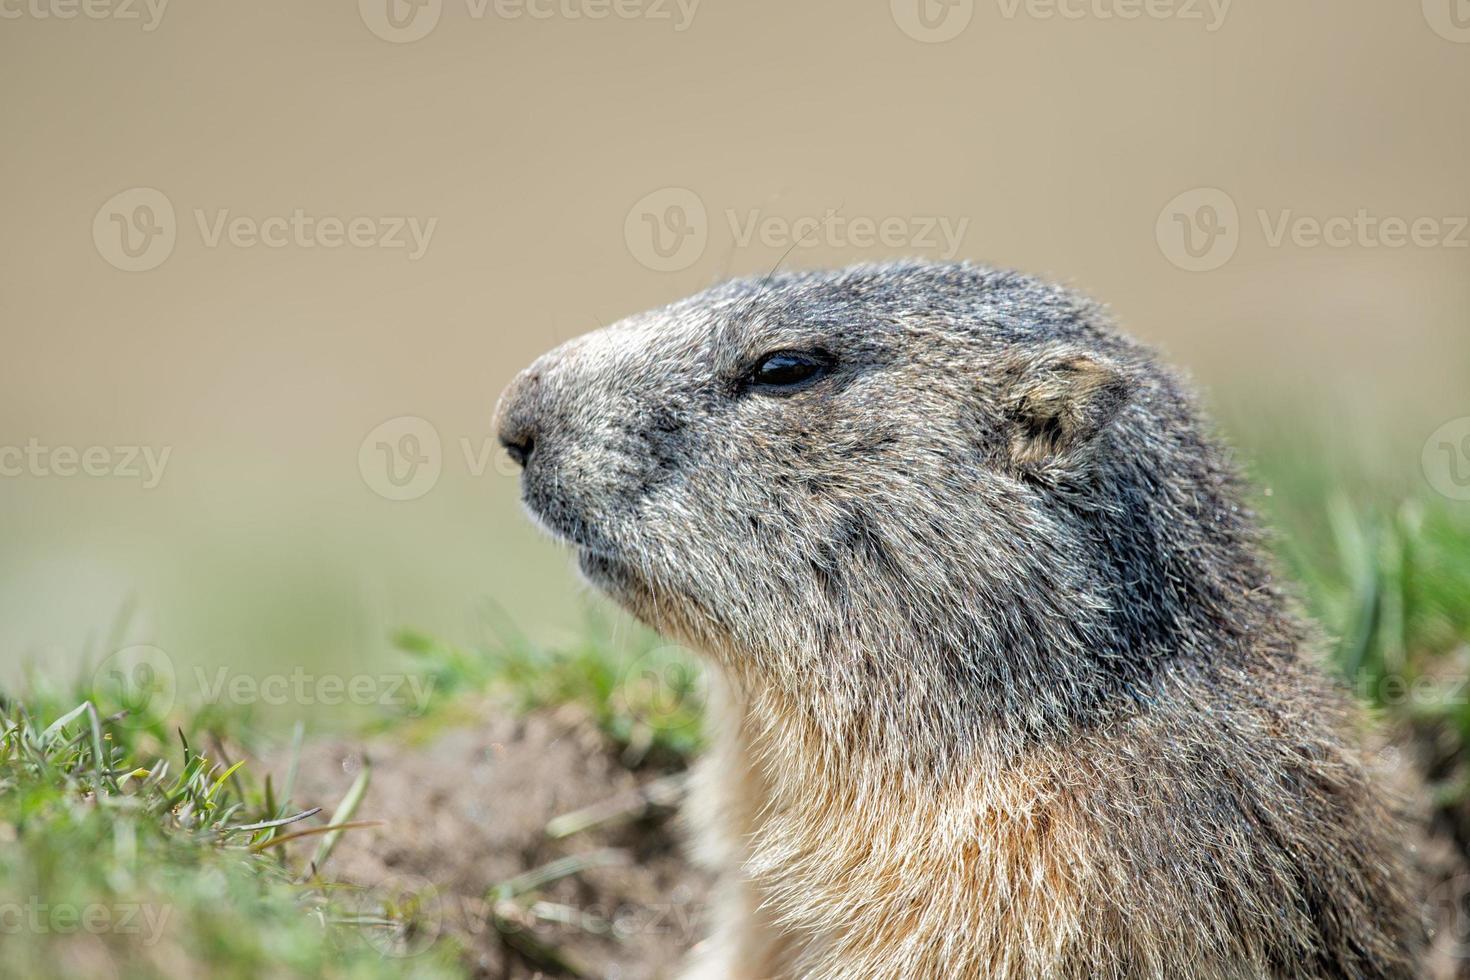 marken hog marmot porträtt när du tittar på dig foto